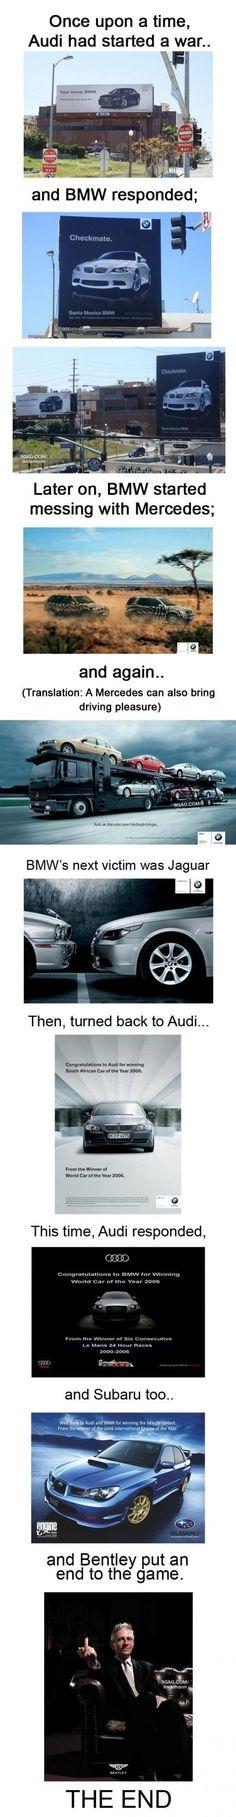 Battle Of #automotive brands